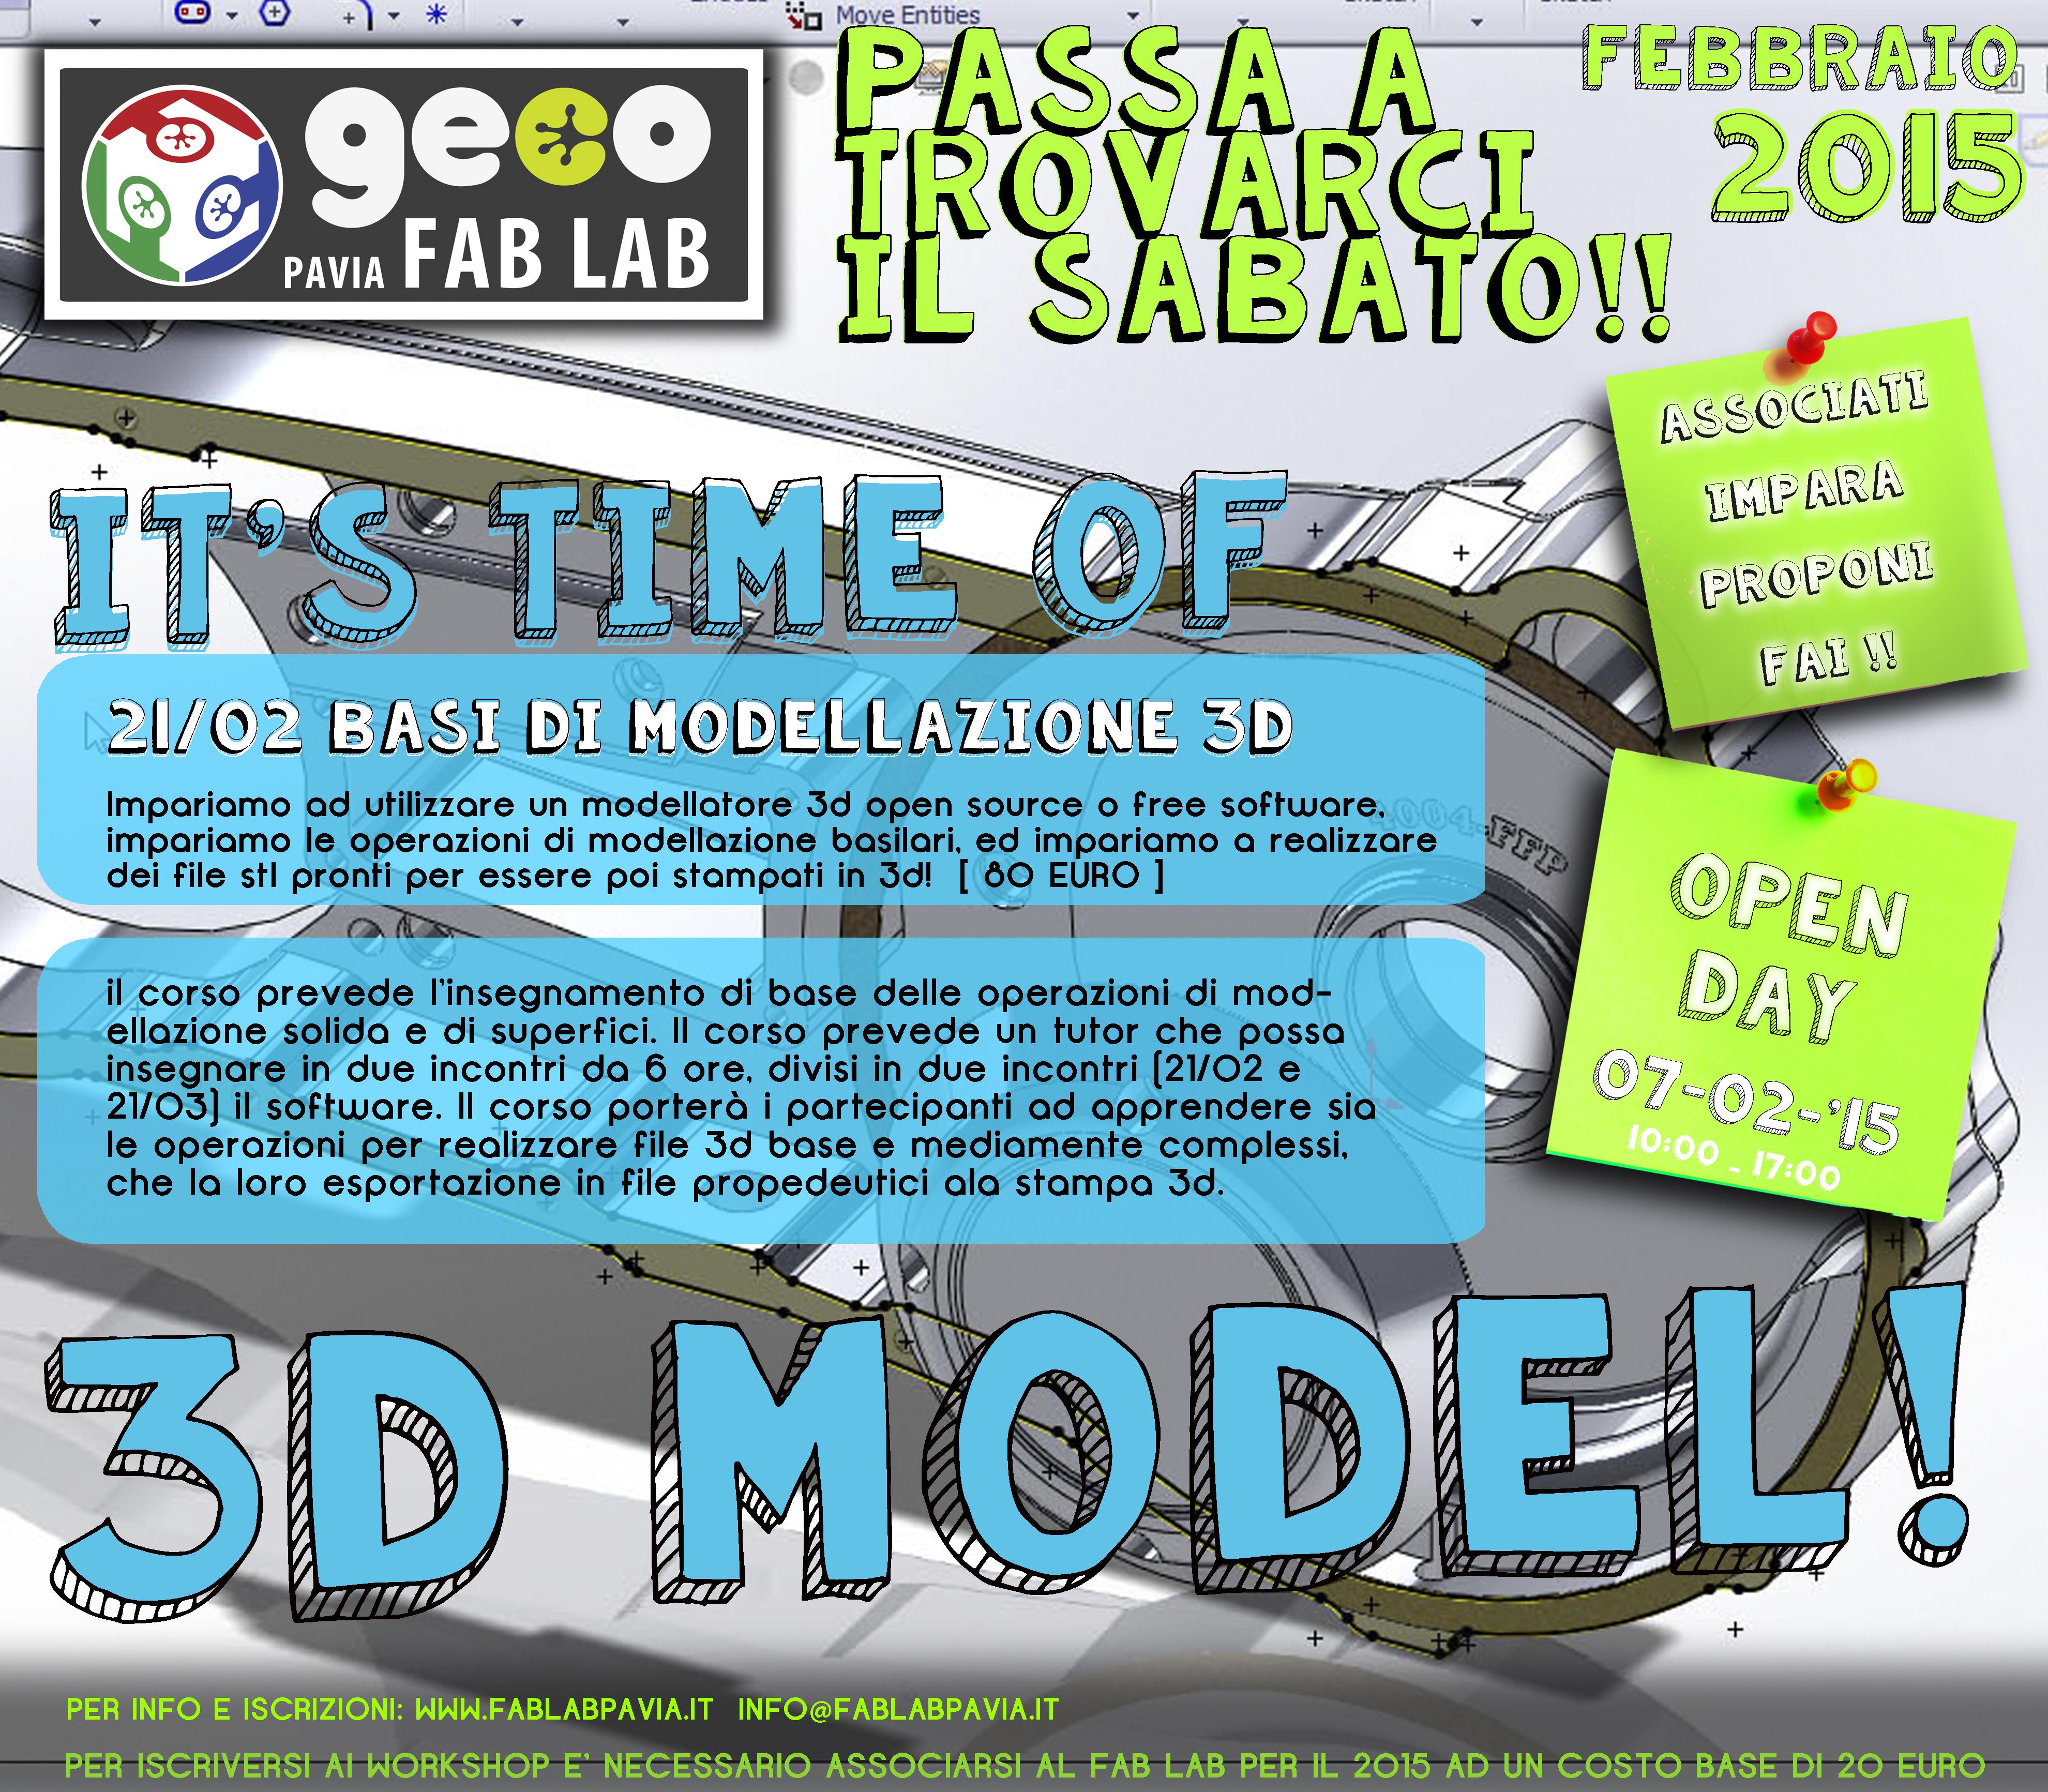 basi di modellazione 3d